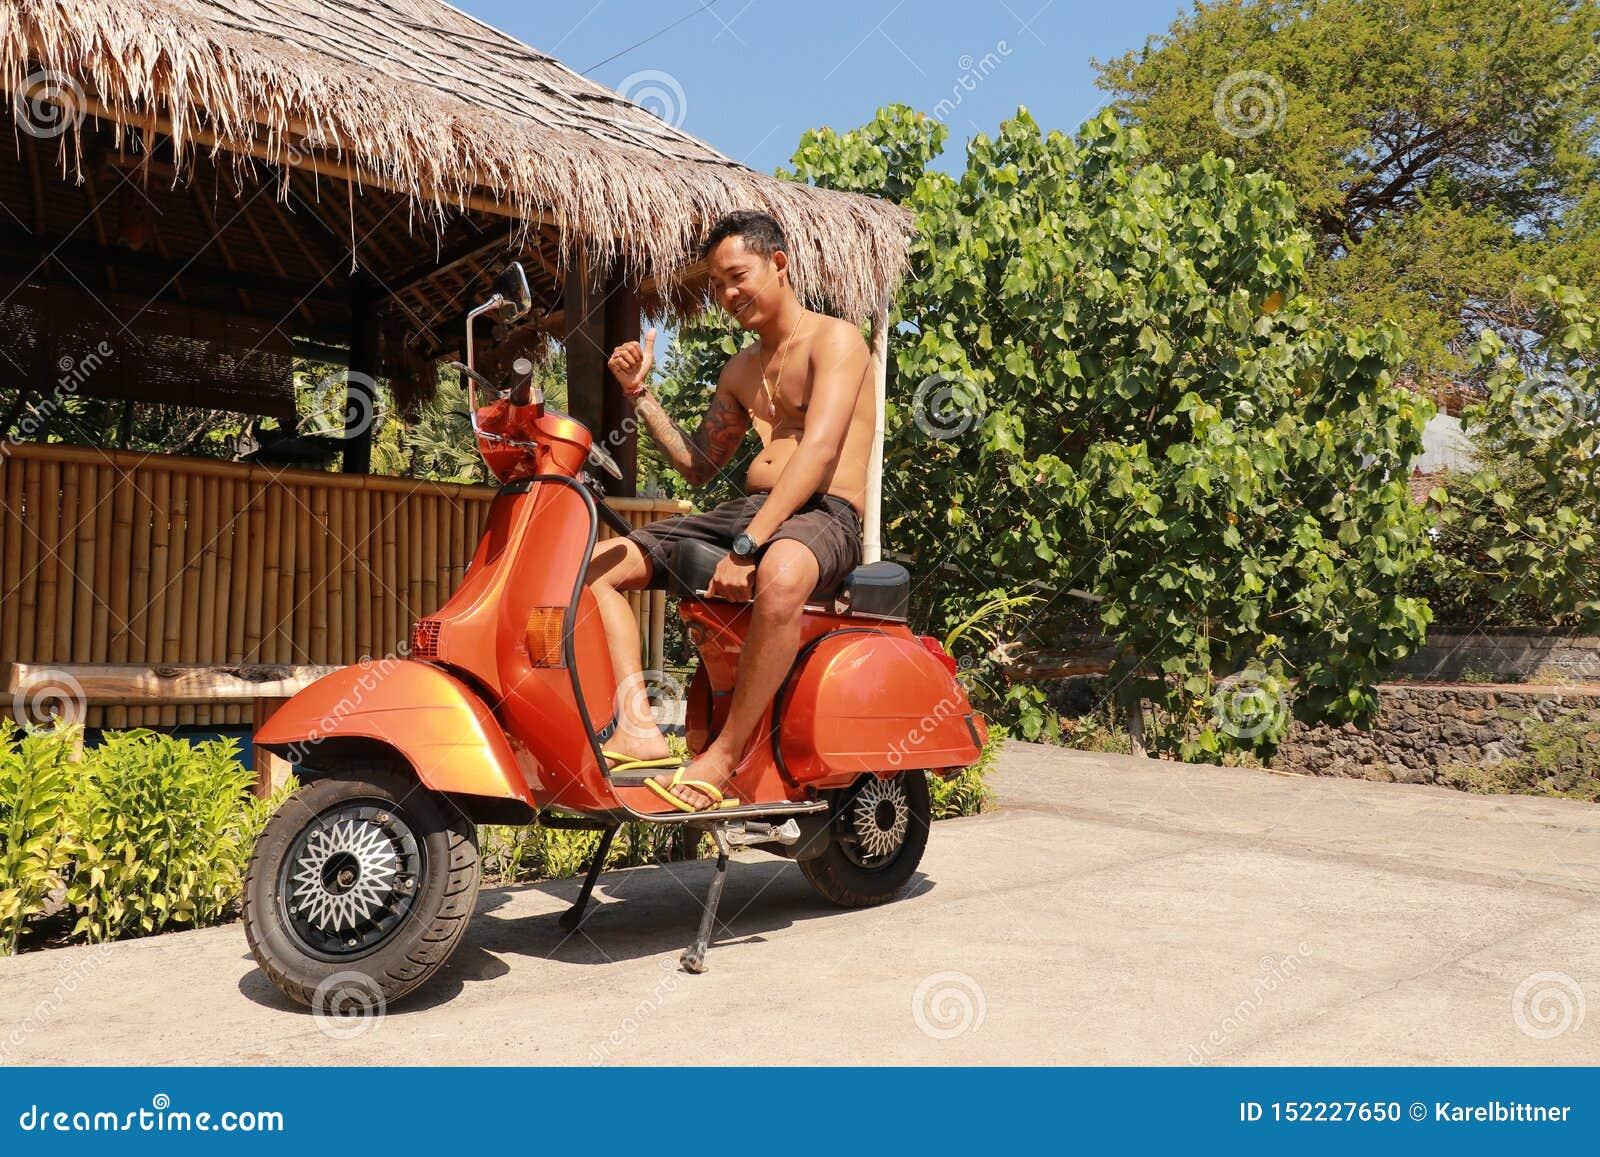 印度尼西亚人坐传统意大利滑行车 橙色古板的摩托车,运输印度尼西亚传统方式